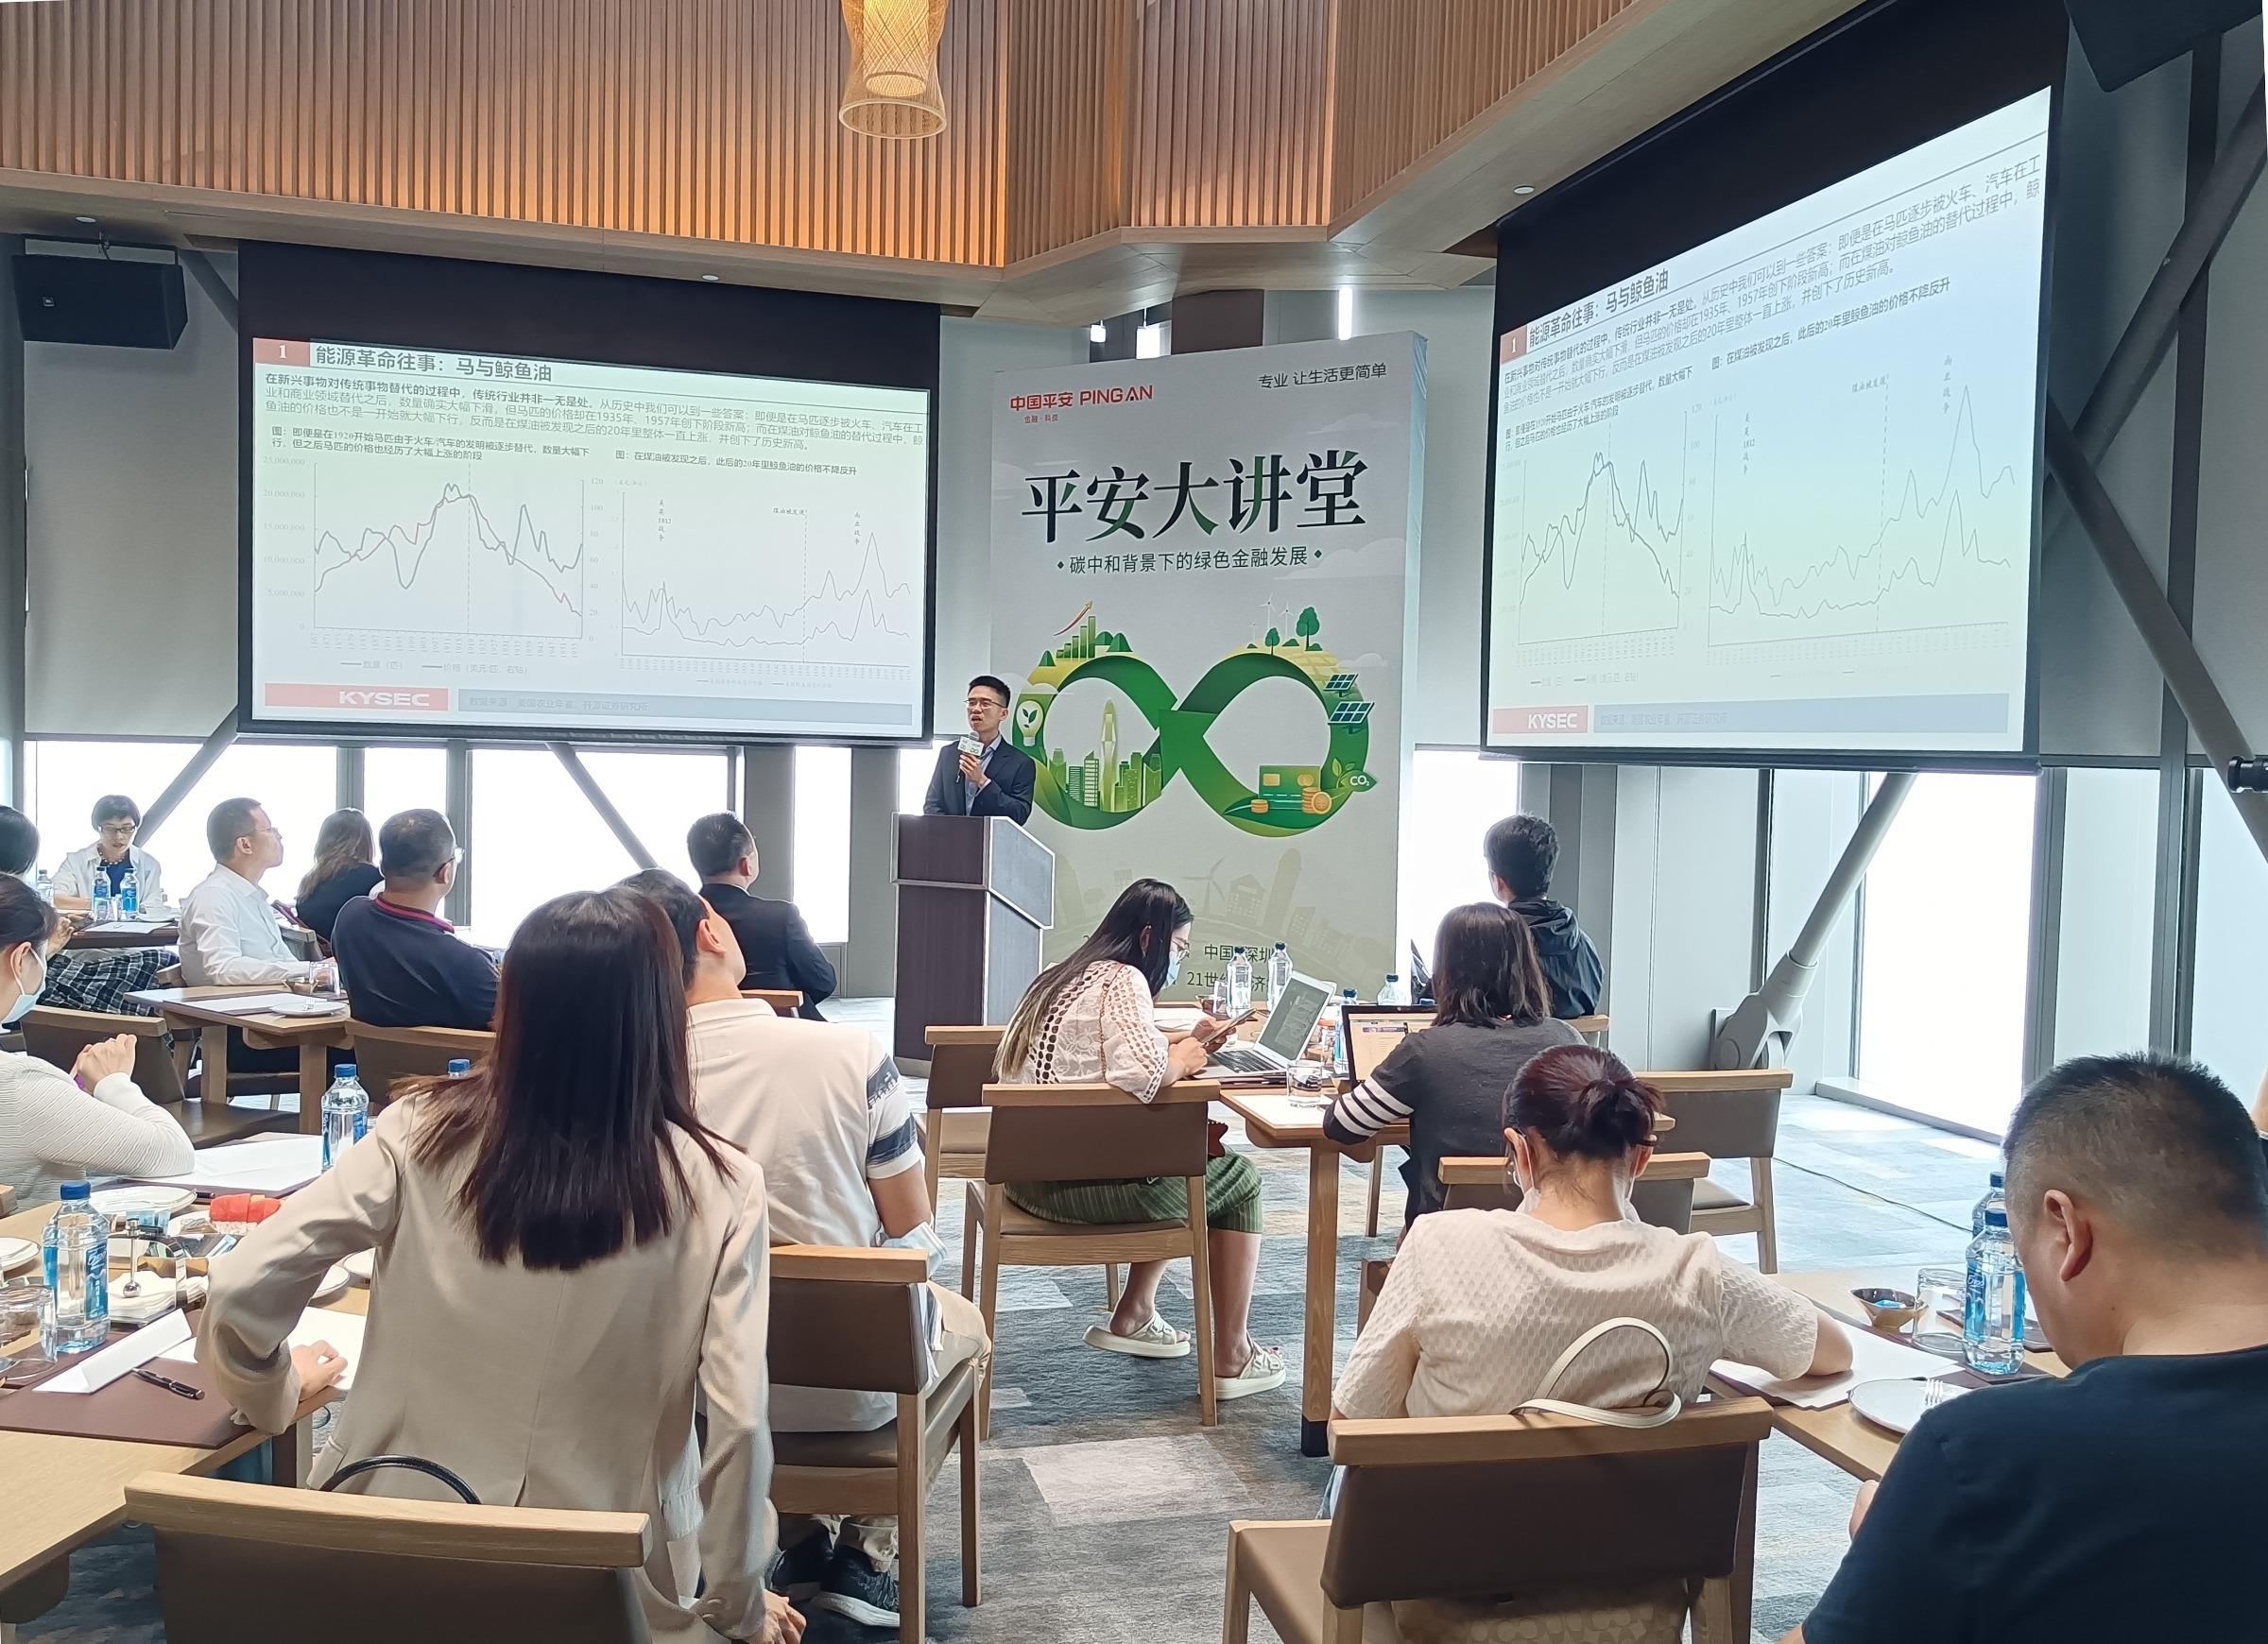 专家:抓住碳中和下的绿色金融机遇 助力可持续发展